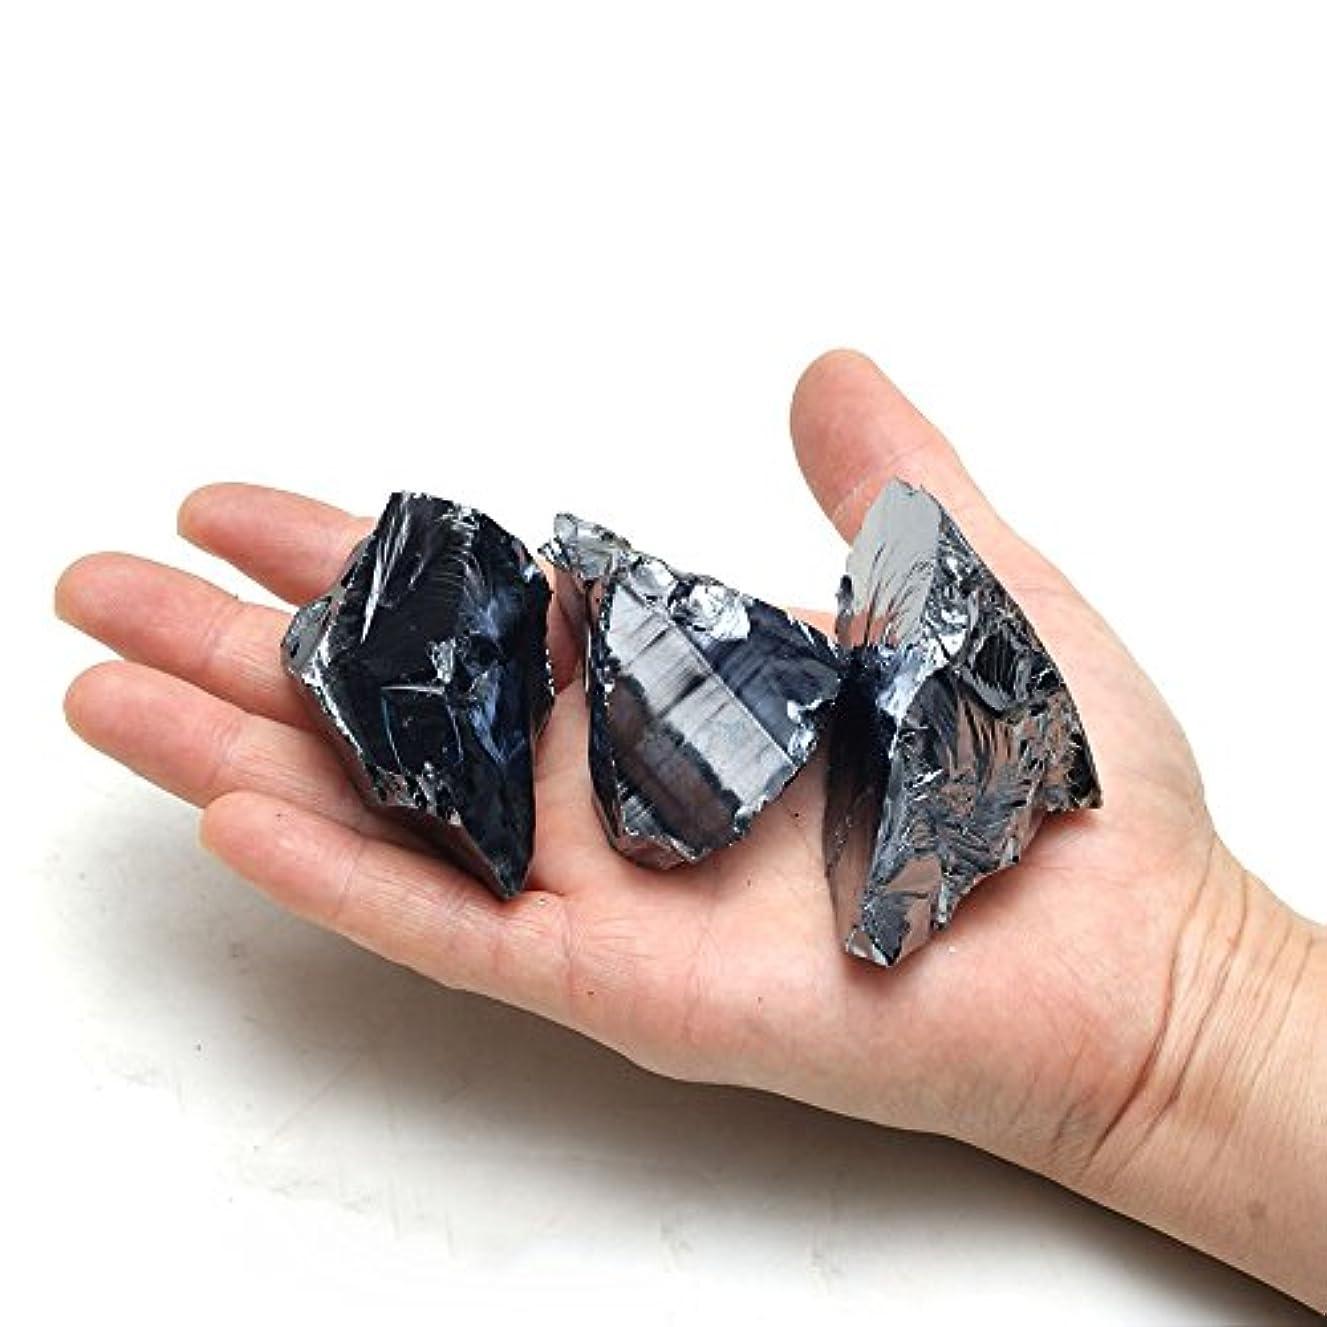 やがてマーケティング核テラヘルツ鉱石 原石3個セット 200g ランダム発送 公的機関にて検査済み!テラヘルツ 本物保証 パワーストーン 天然石 超遠赤外線 健康